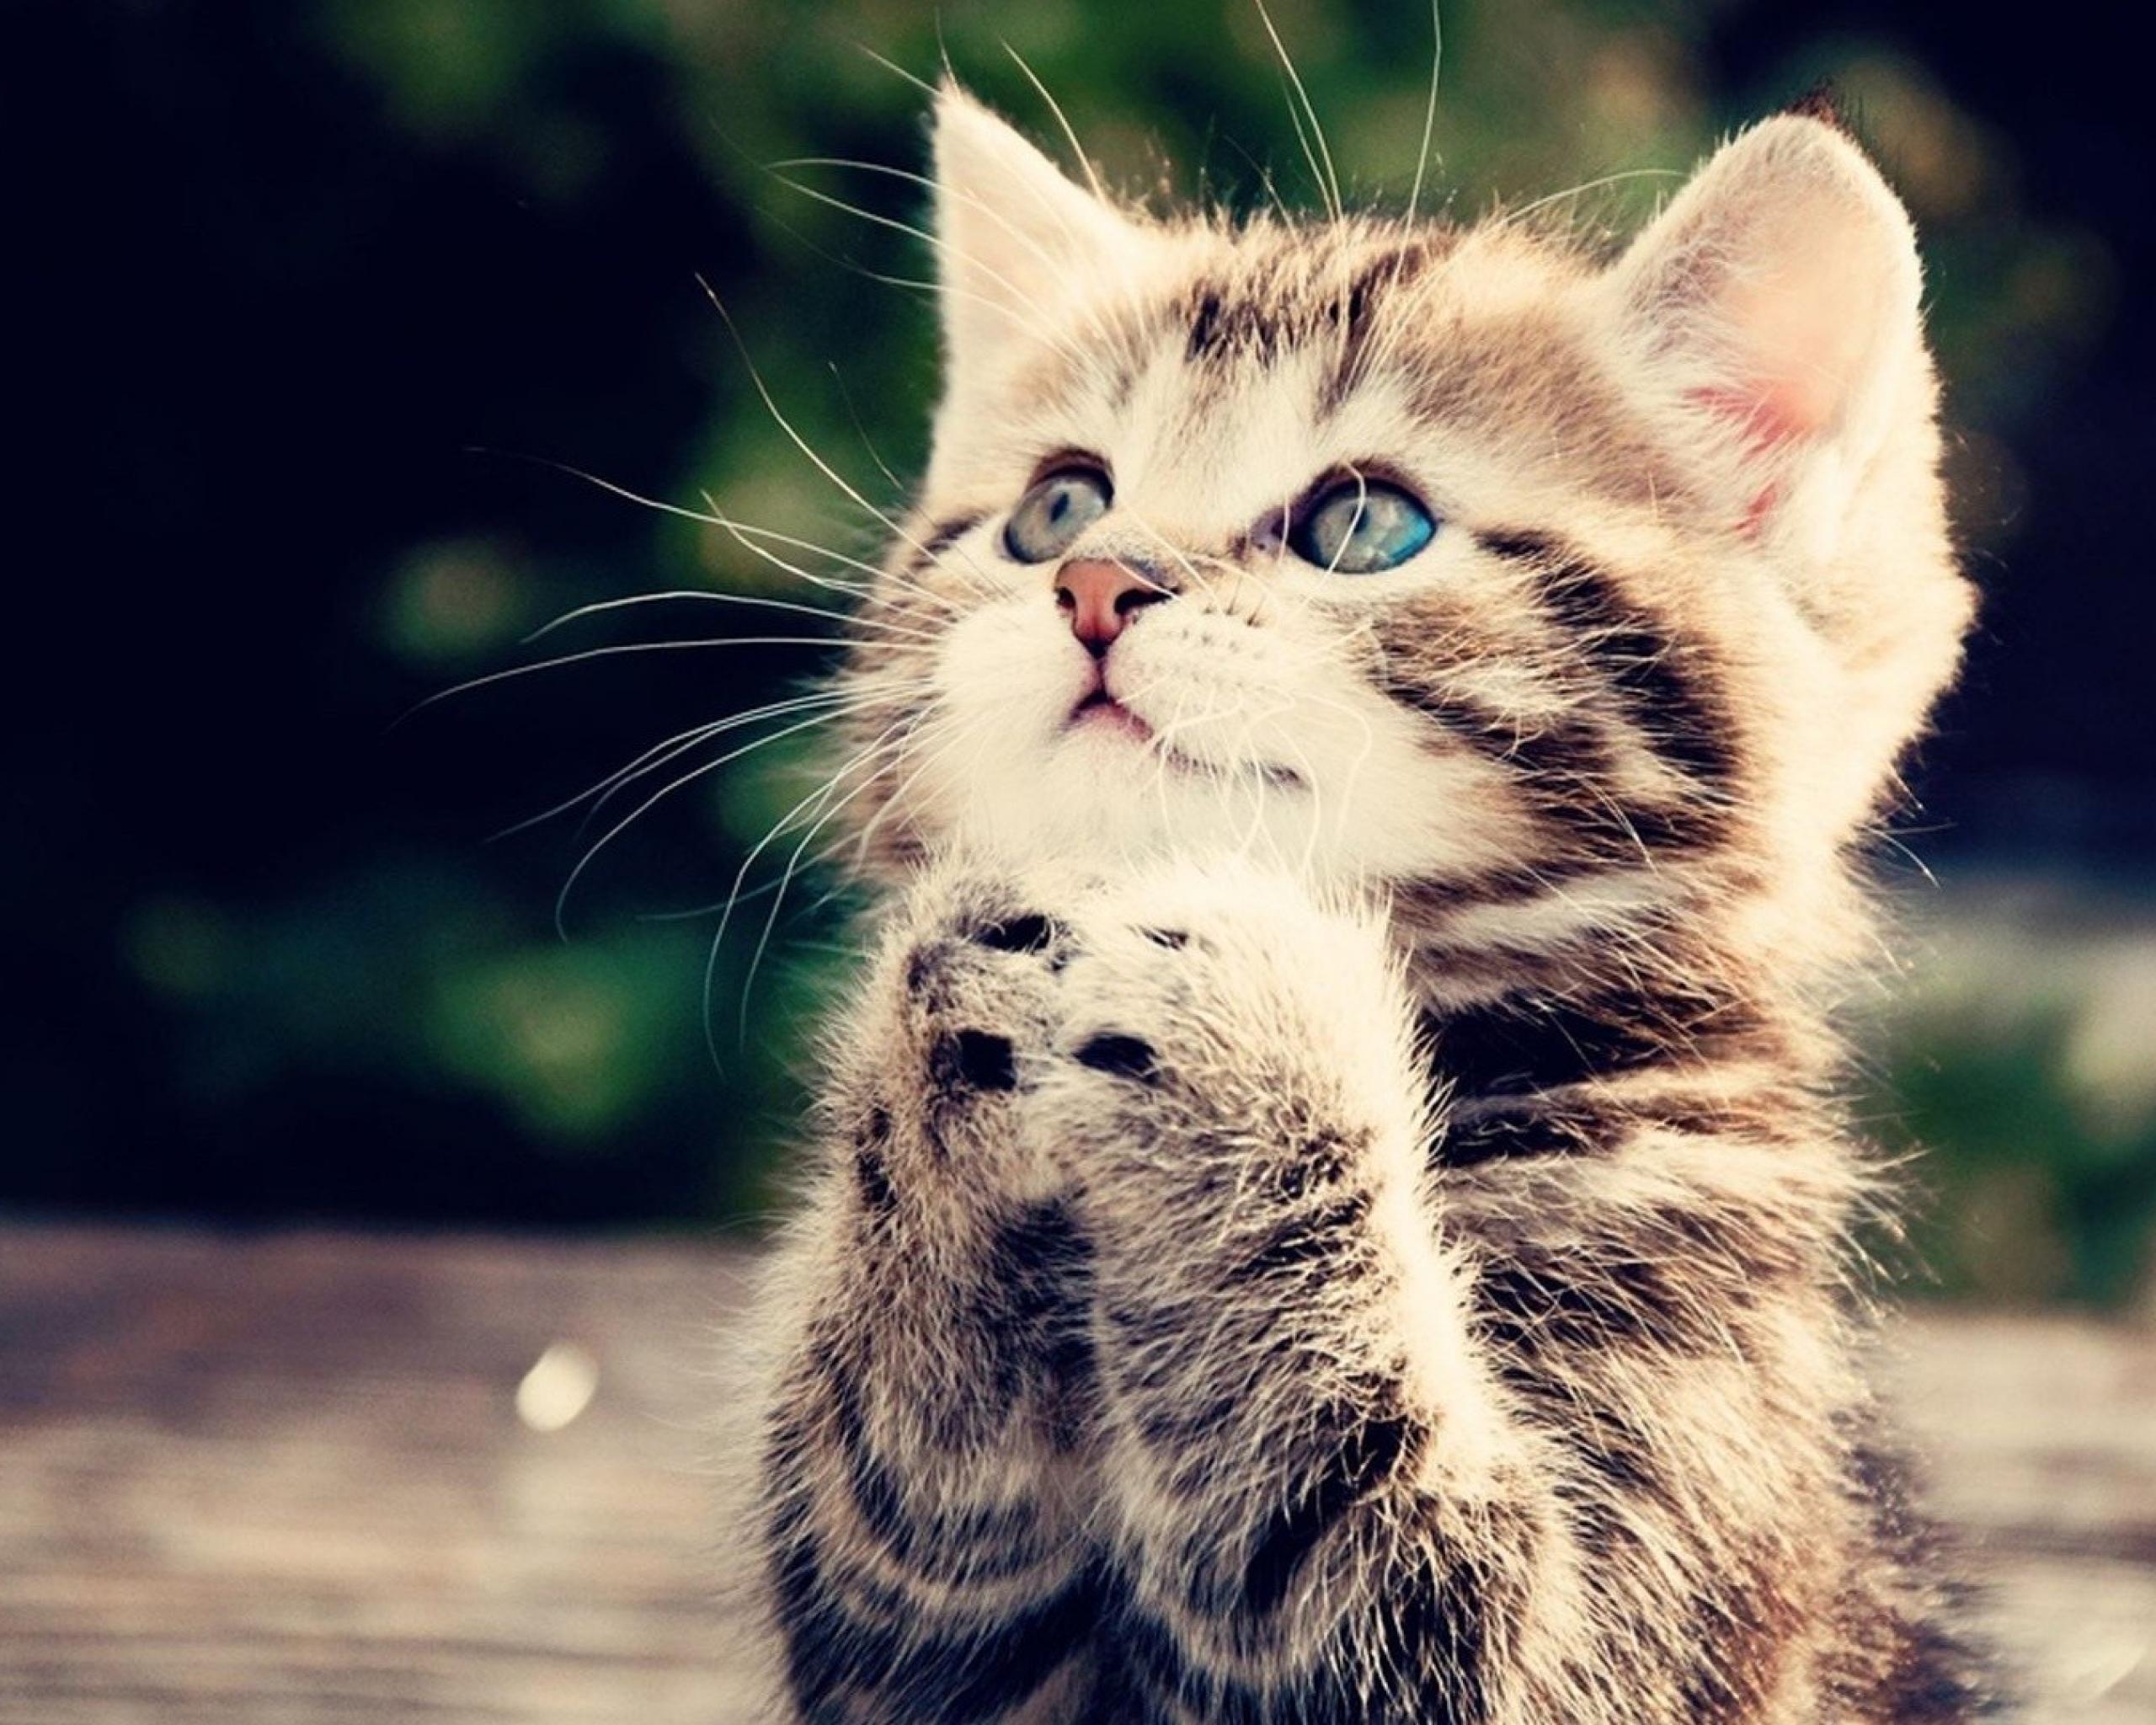 101 best Kittens images on Pinterest